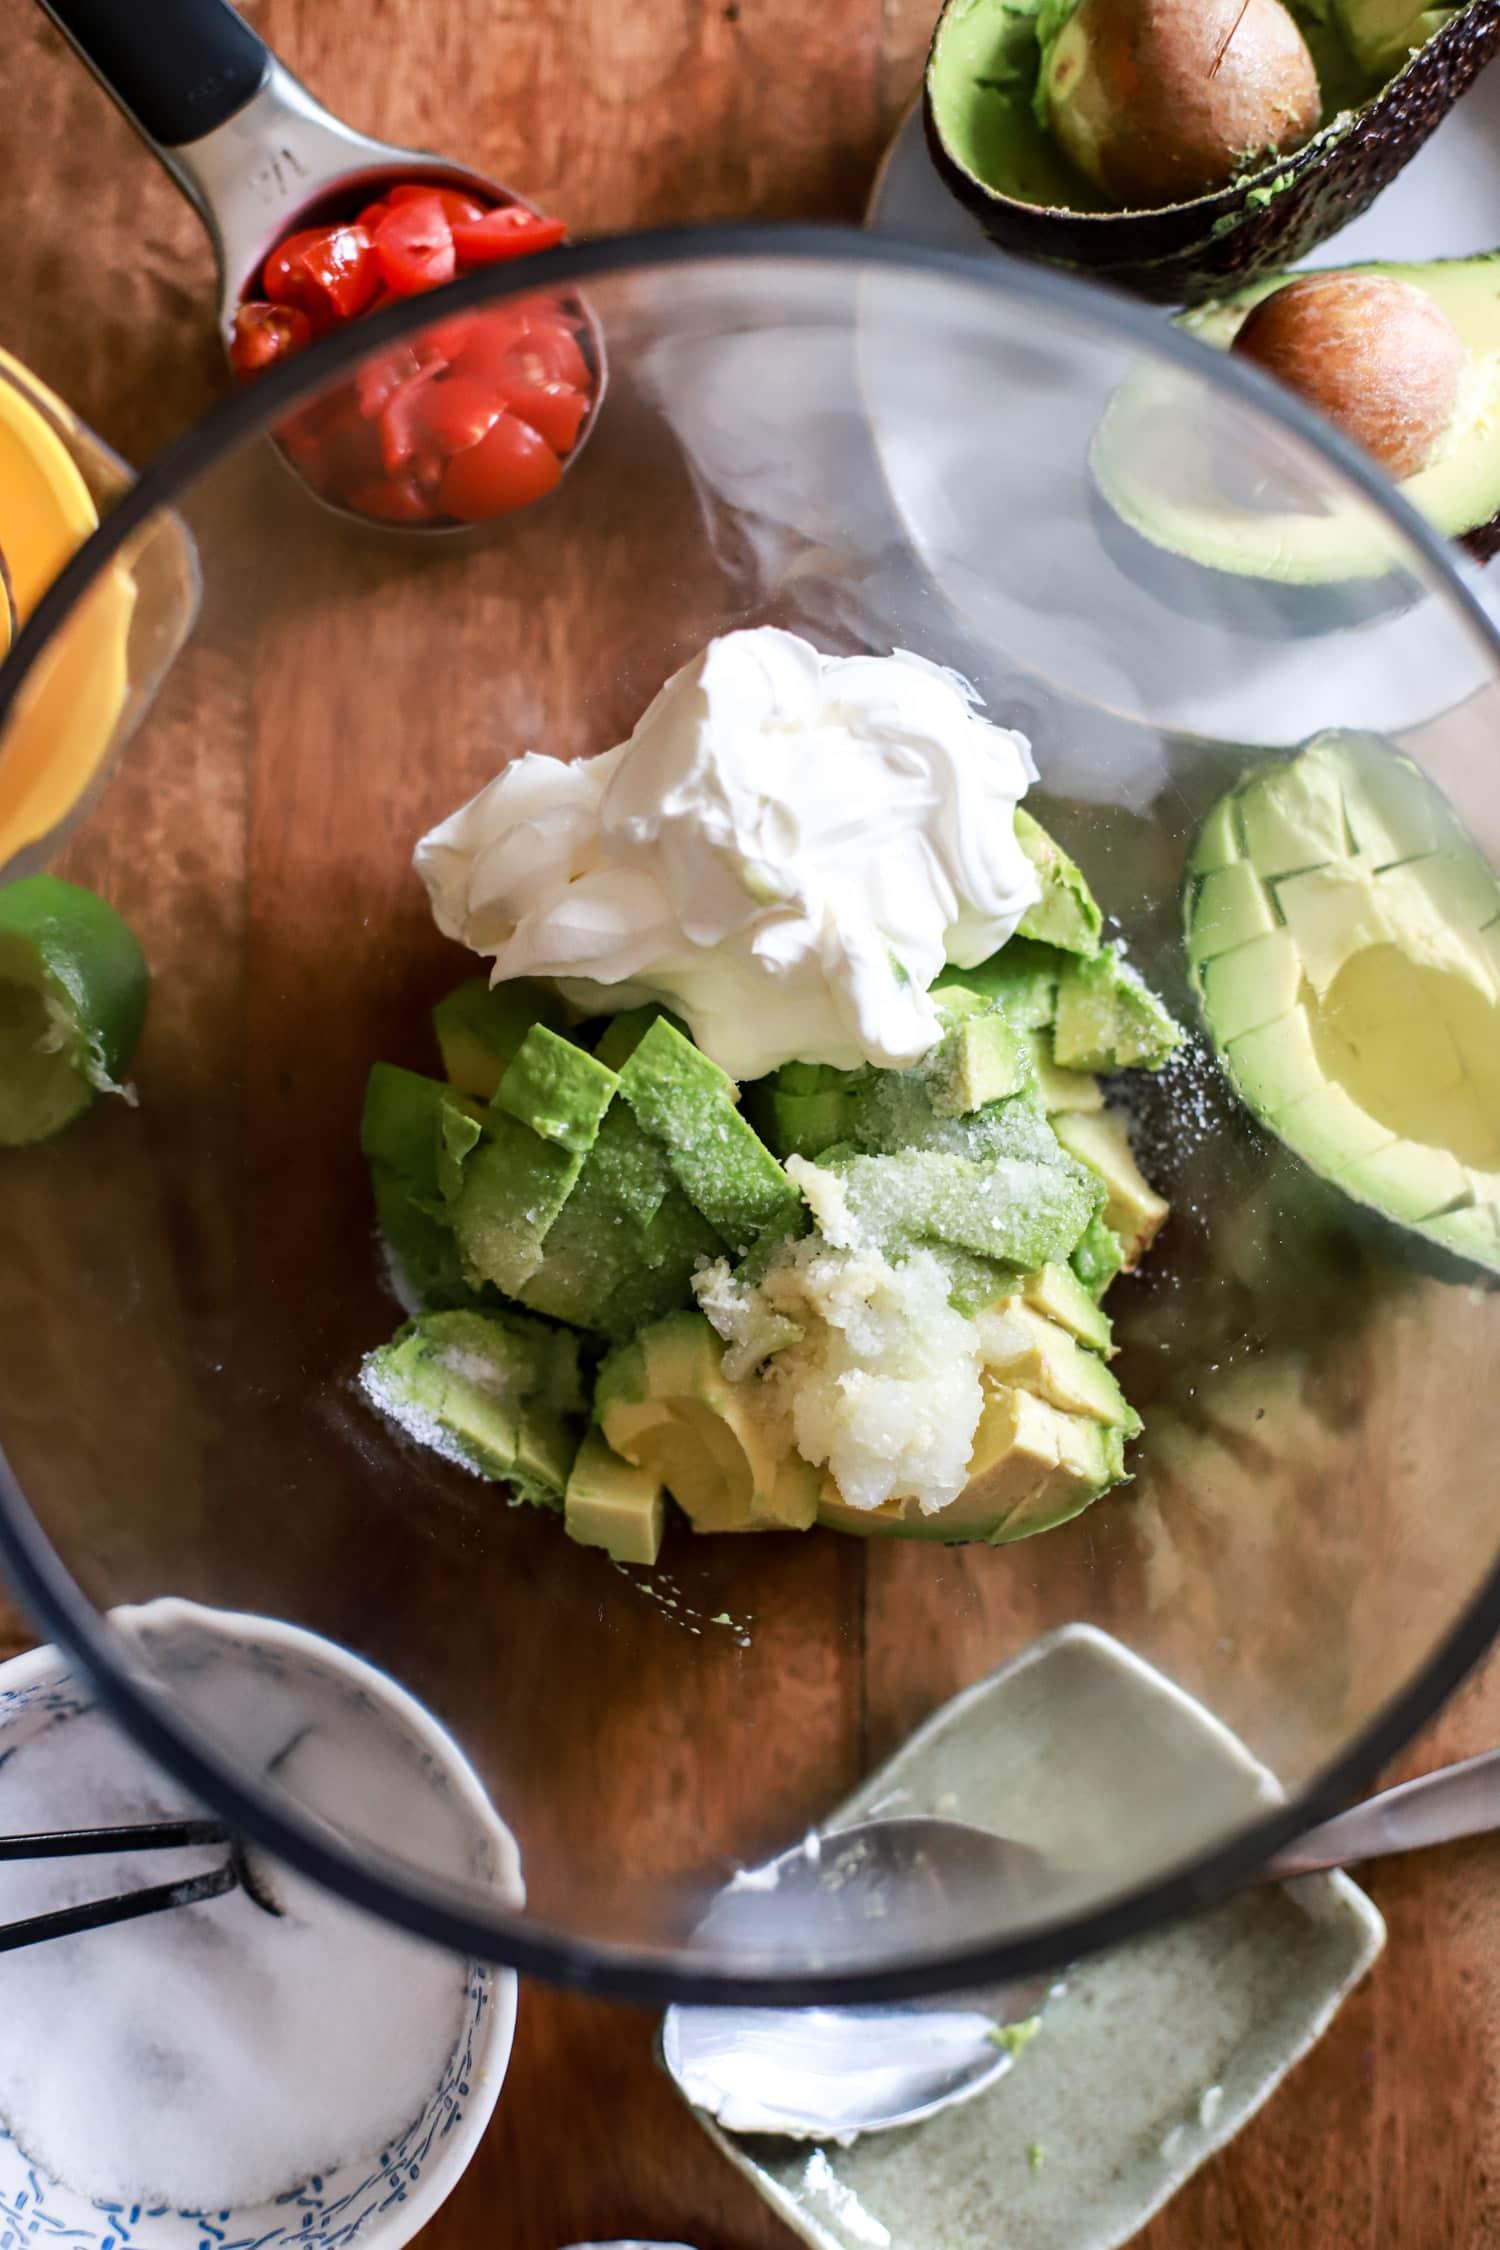 Sour Cream Guacamole Recipe